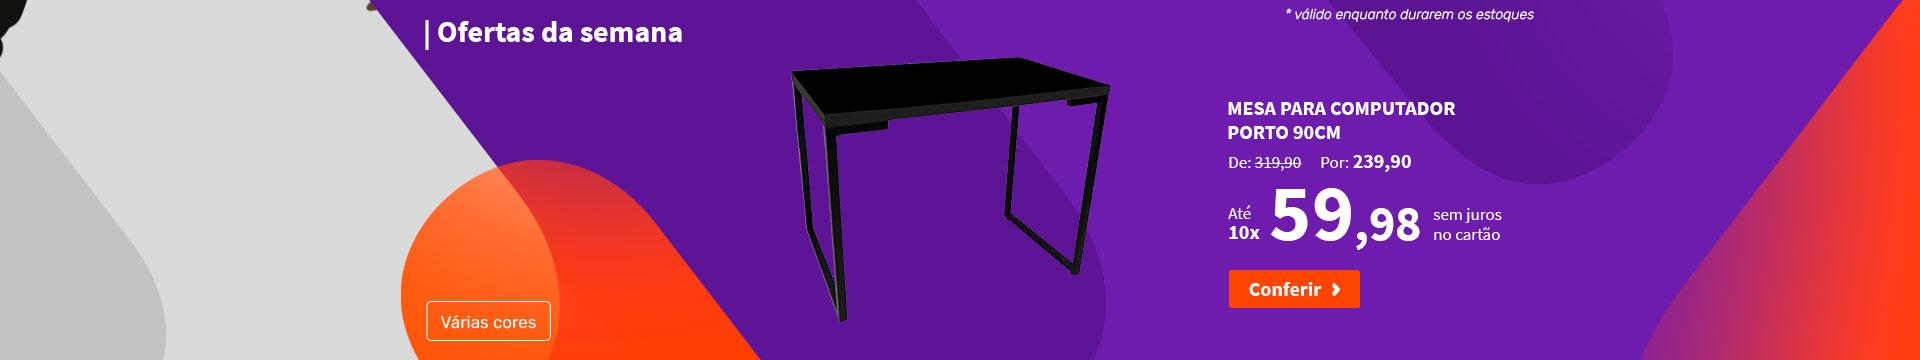 Mesa Para Computador  Porto 90cm - Ofertas da semana